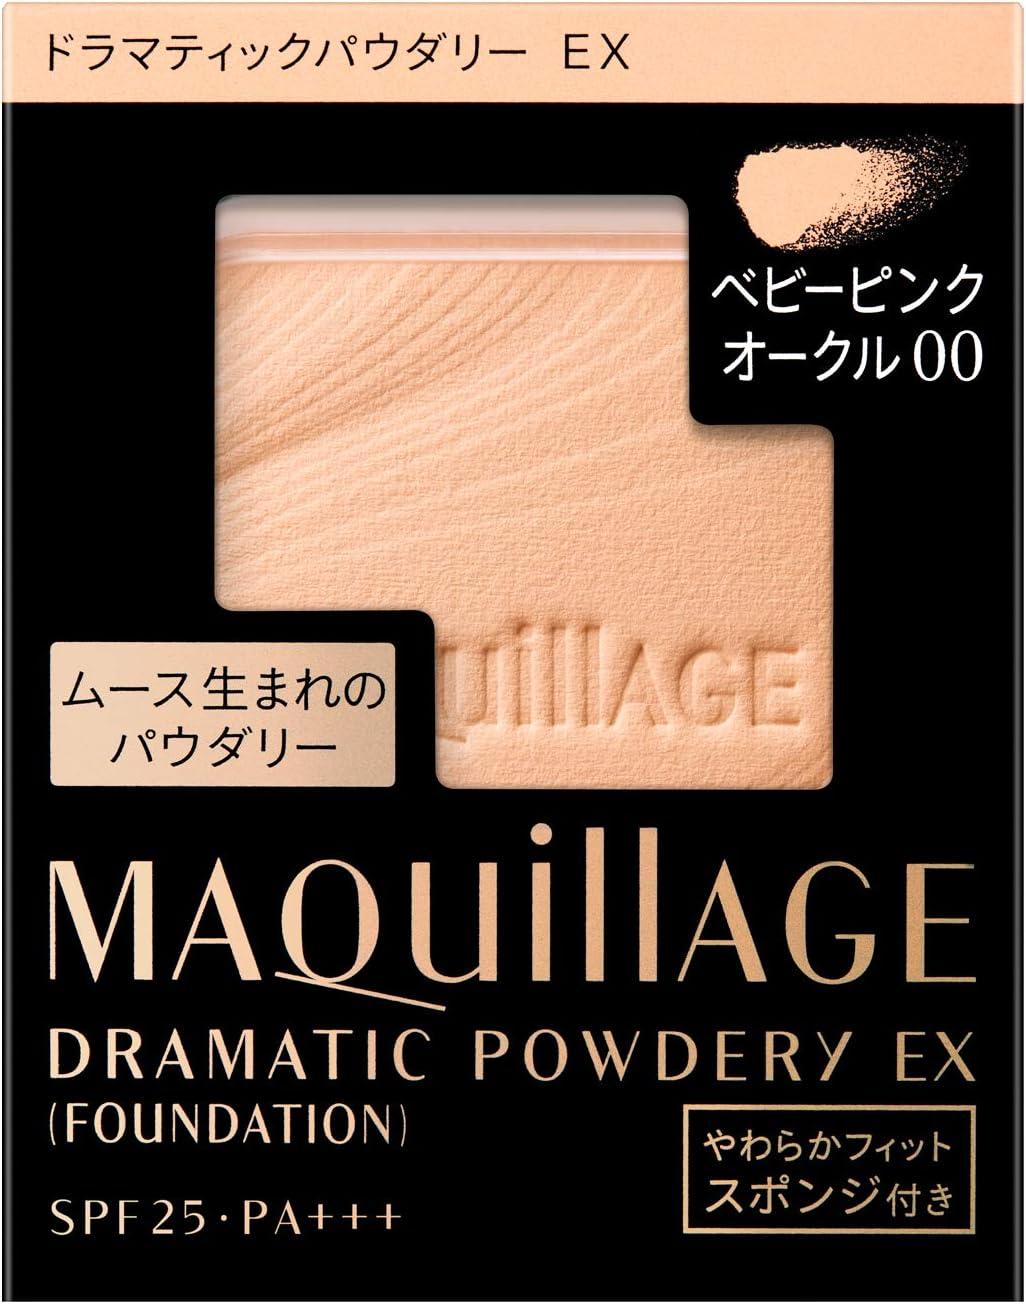 2位 資生堂『MAQuillAGE(マキアージュ)ドラマティックパウダリー EX』